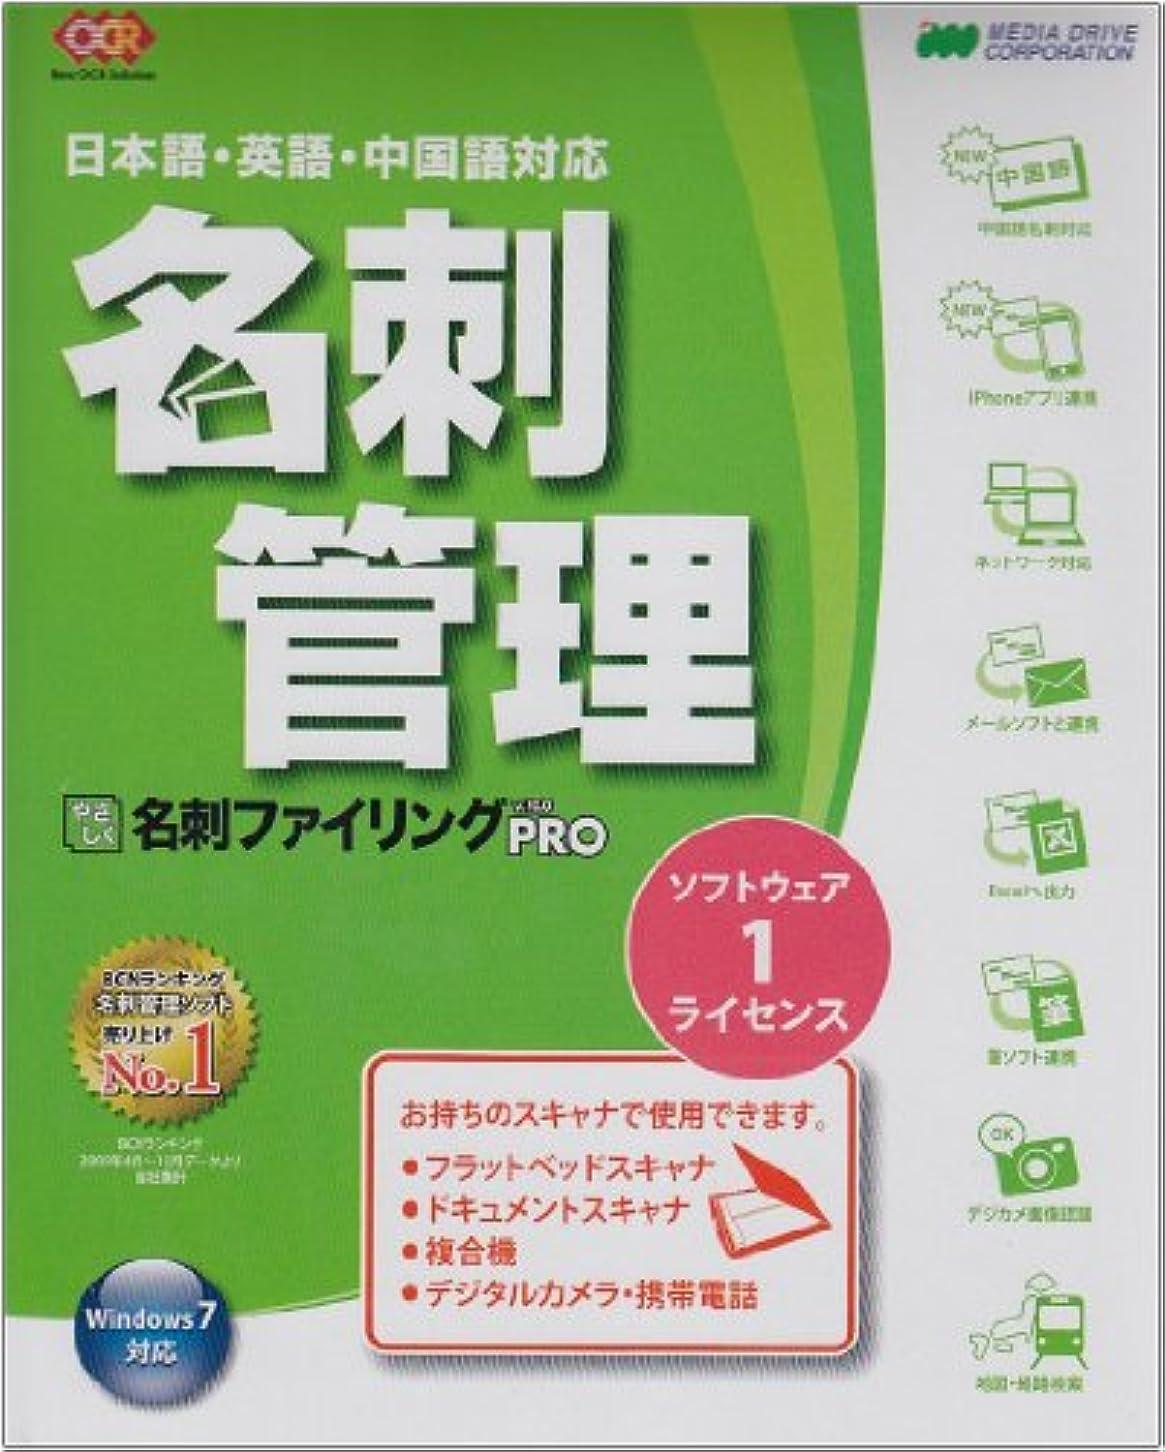 手荷物オペラ課すやさしく名刺ファイリング PRO v.10.0